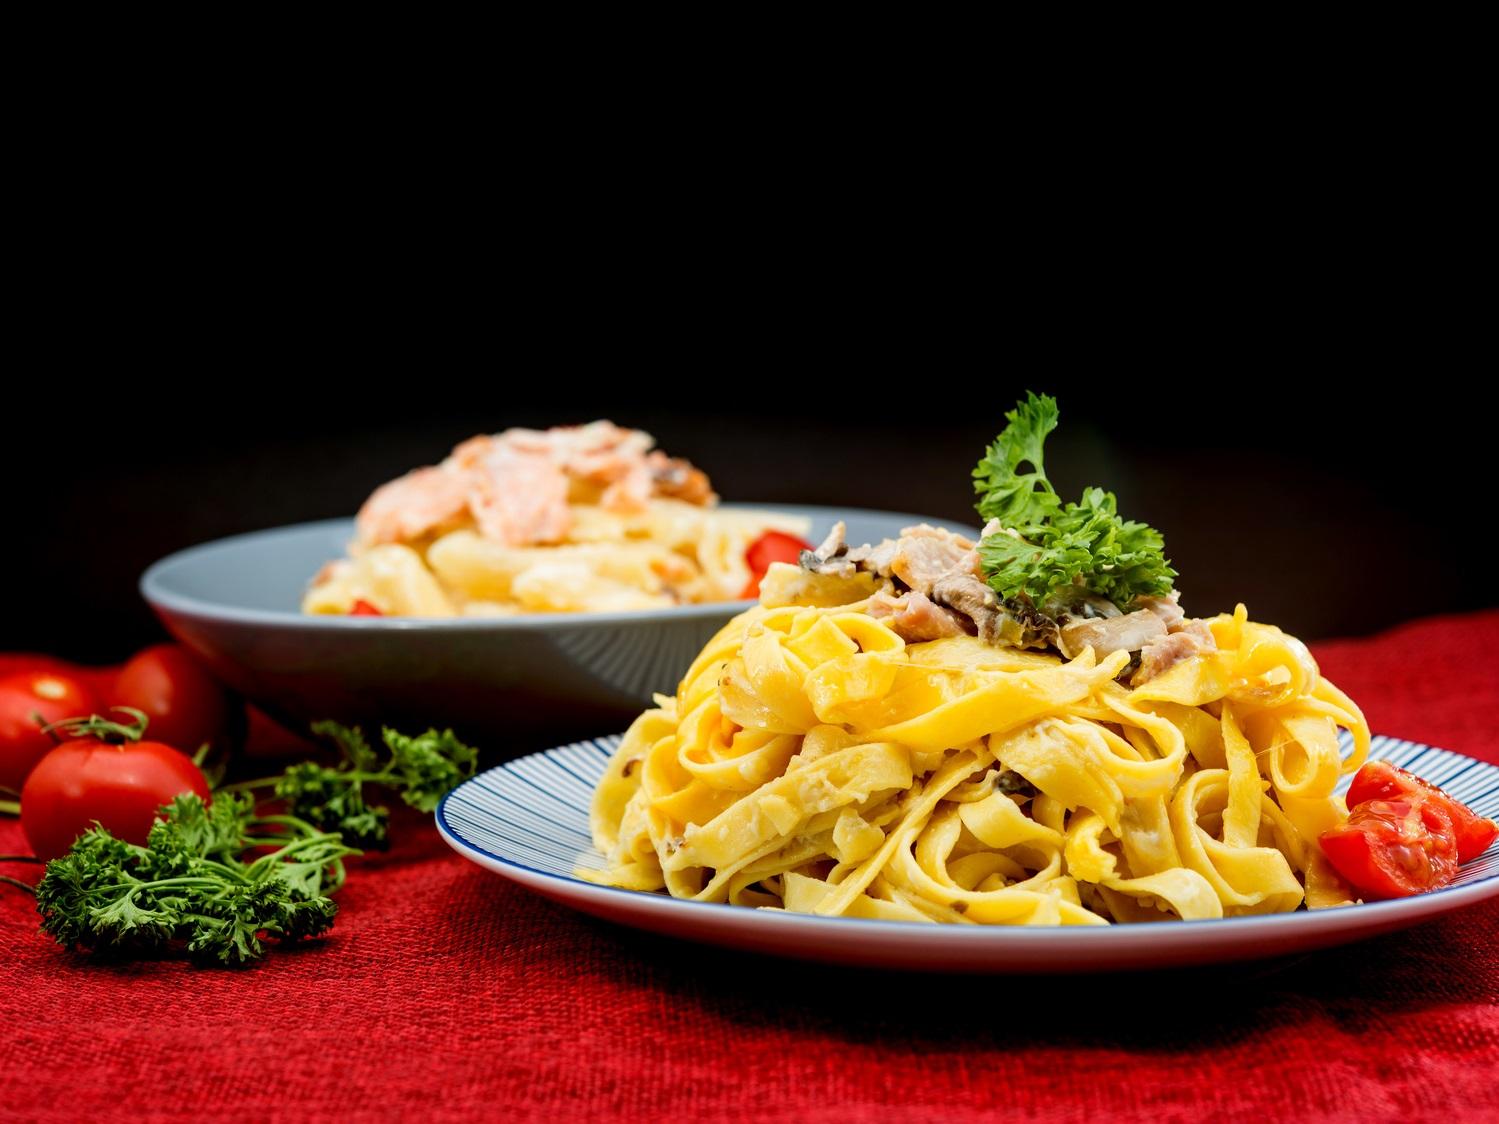 Abendessen, Italiener, Bad Steben, Auszeit, Entspannen, Arrangement, Pauschale